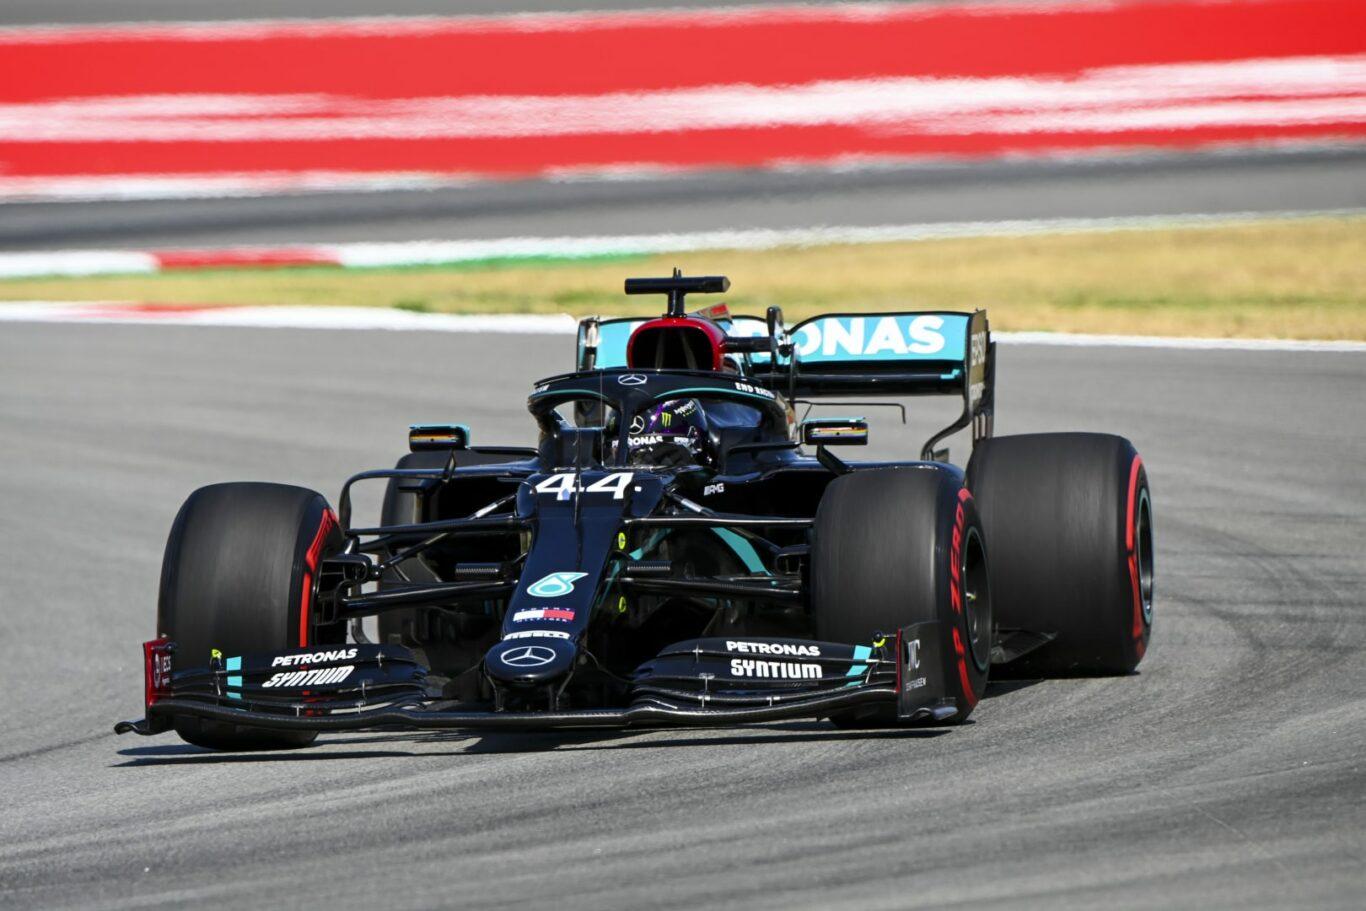 Lewis Hamilton beim Großen Preis von Spanien 2020 | Bild: LAT Images for Mercedes-Benz Grand Prix Ltd